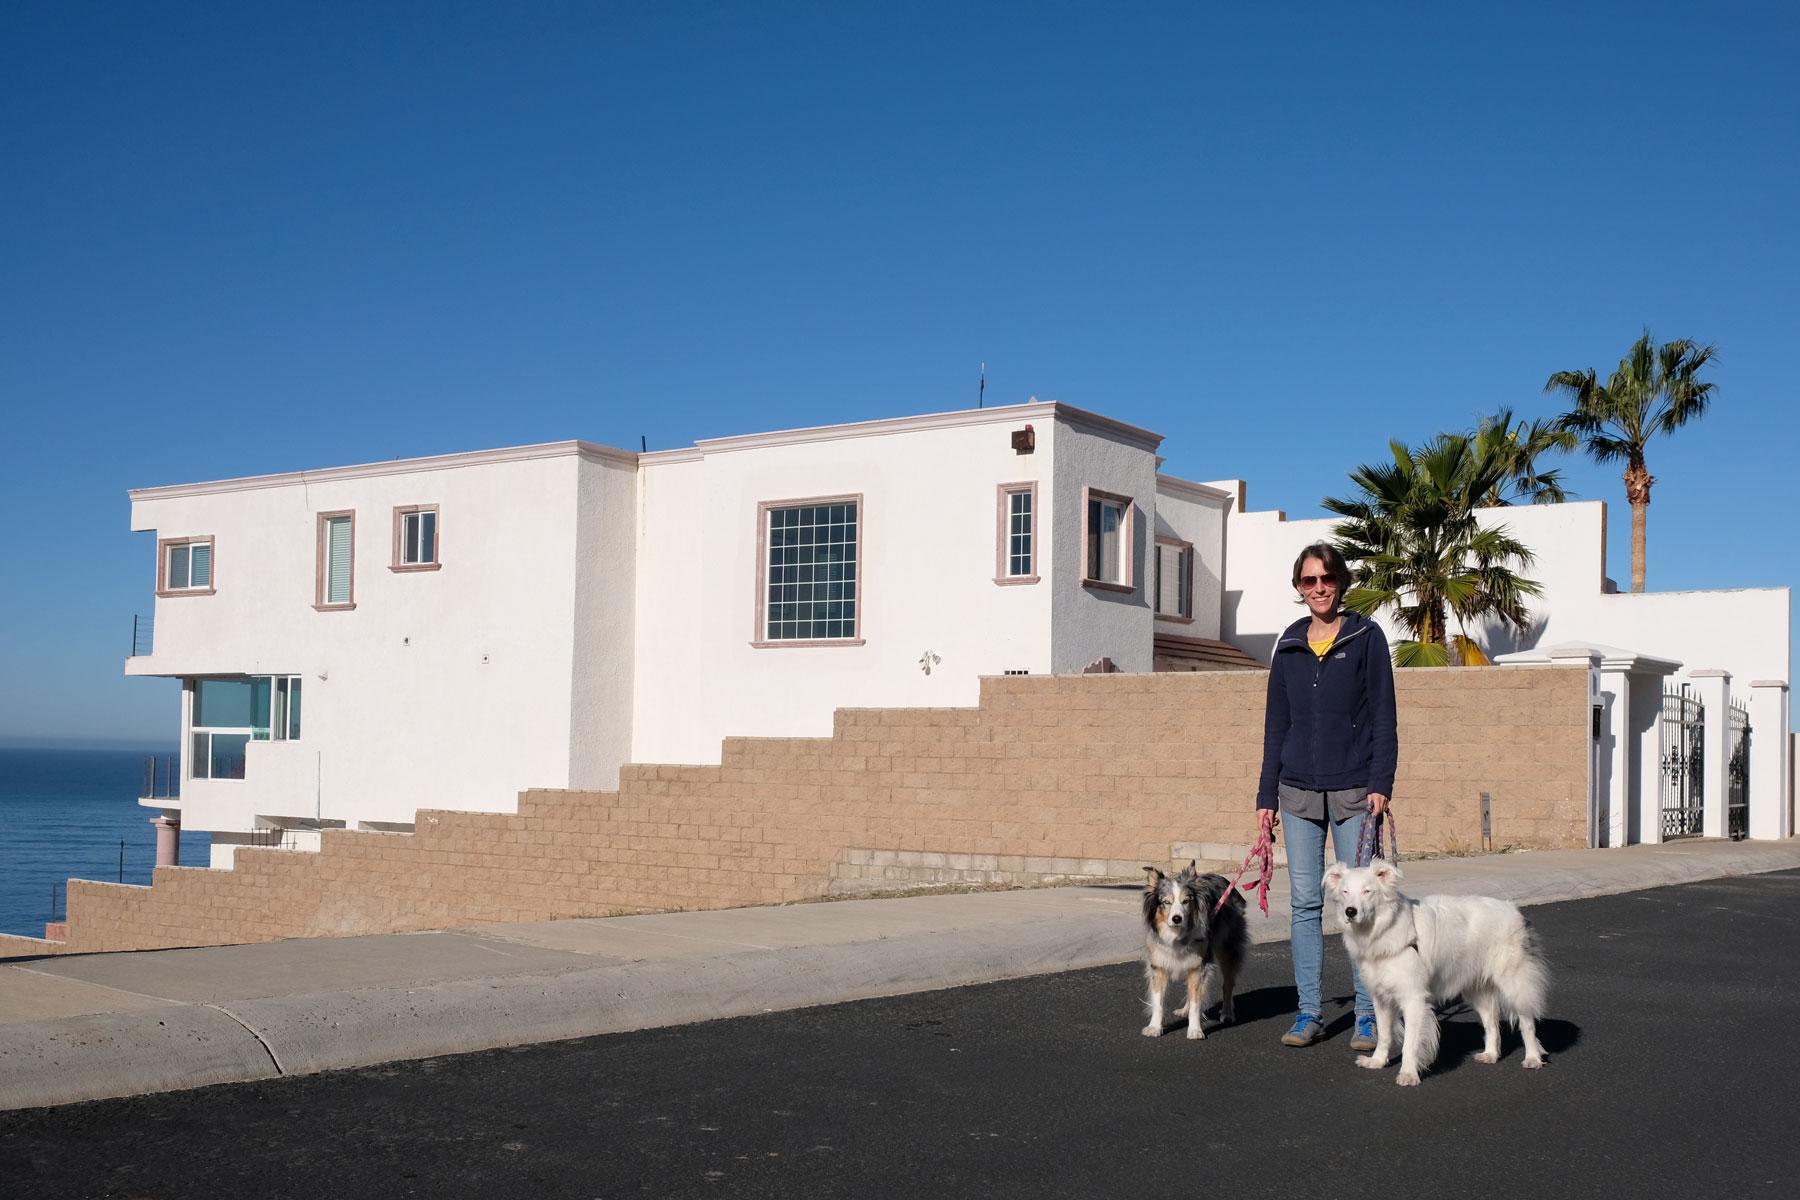 Leo mit zwei Hunden vor einem Haus in Mexiko.